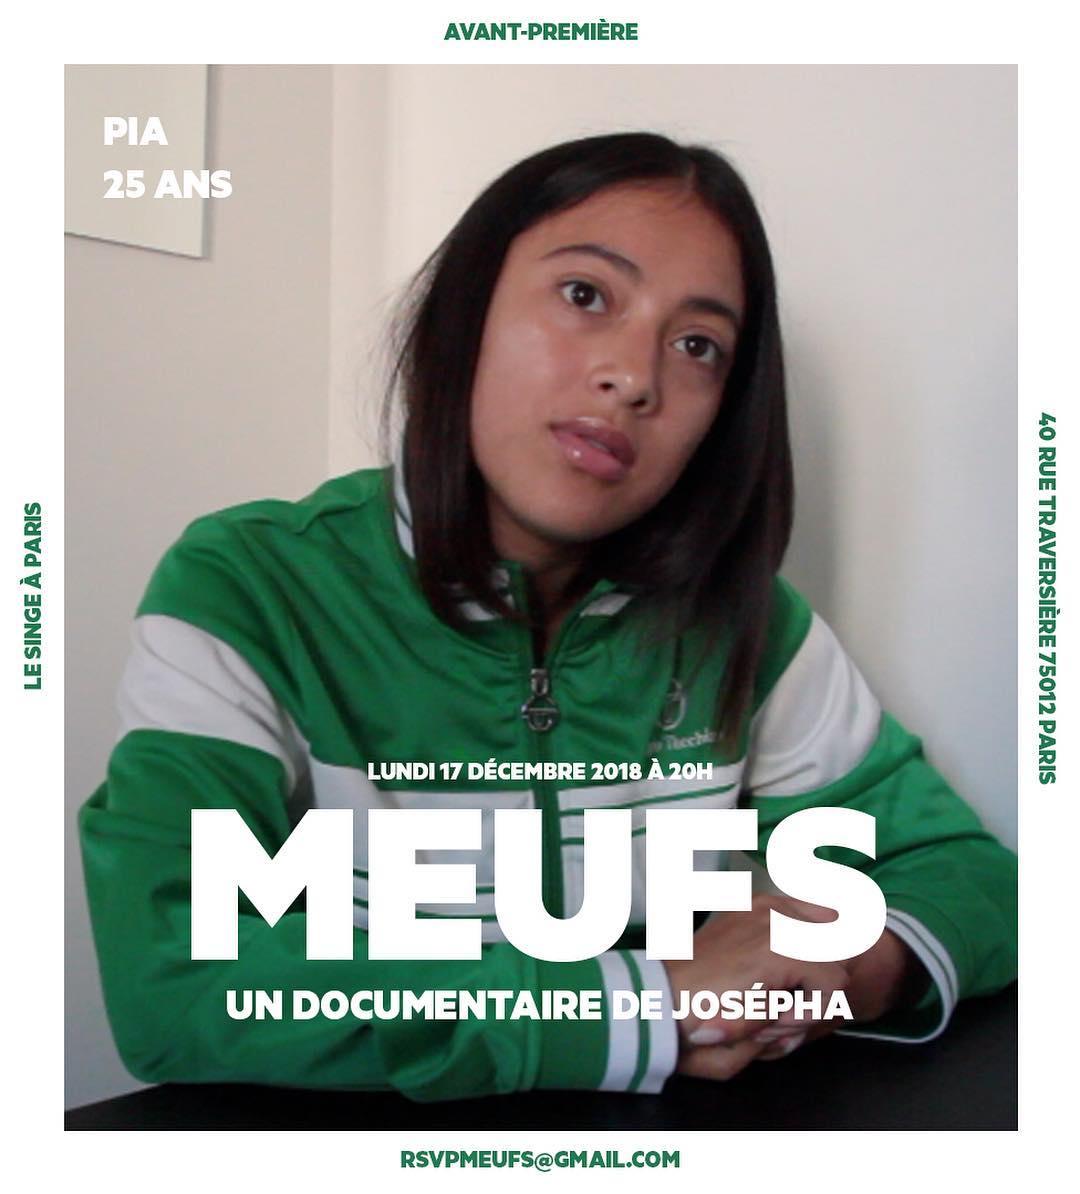 MEUFS DOCUMENTAIRE JOSEPHA - makeitnow.fr